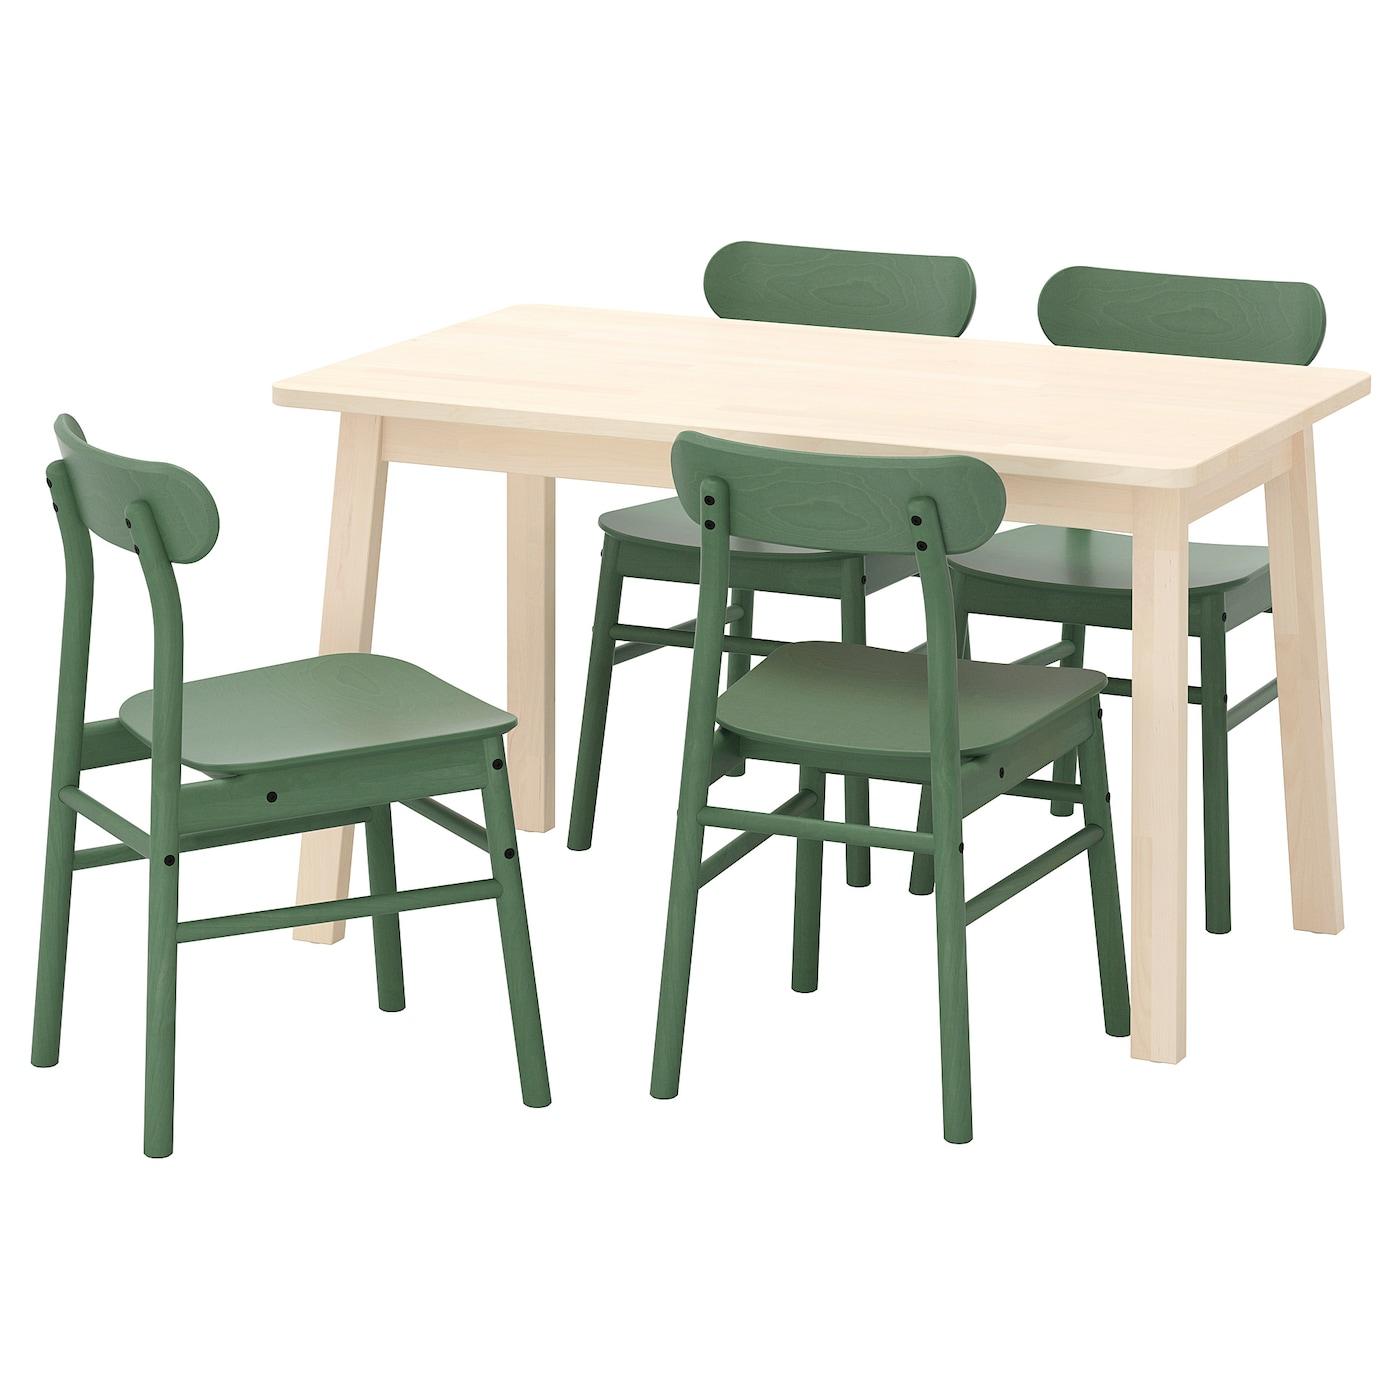 NORRÅKER RÖNNINGE Tisch Und 4 Stühle Birke Grün IKEA